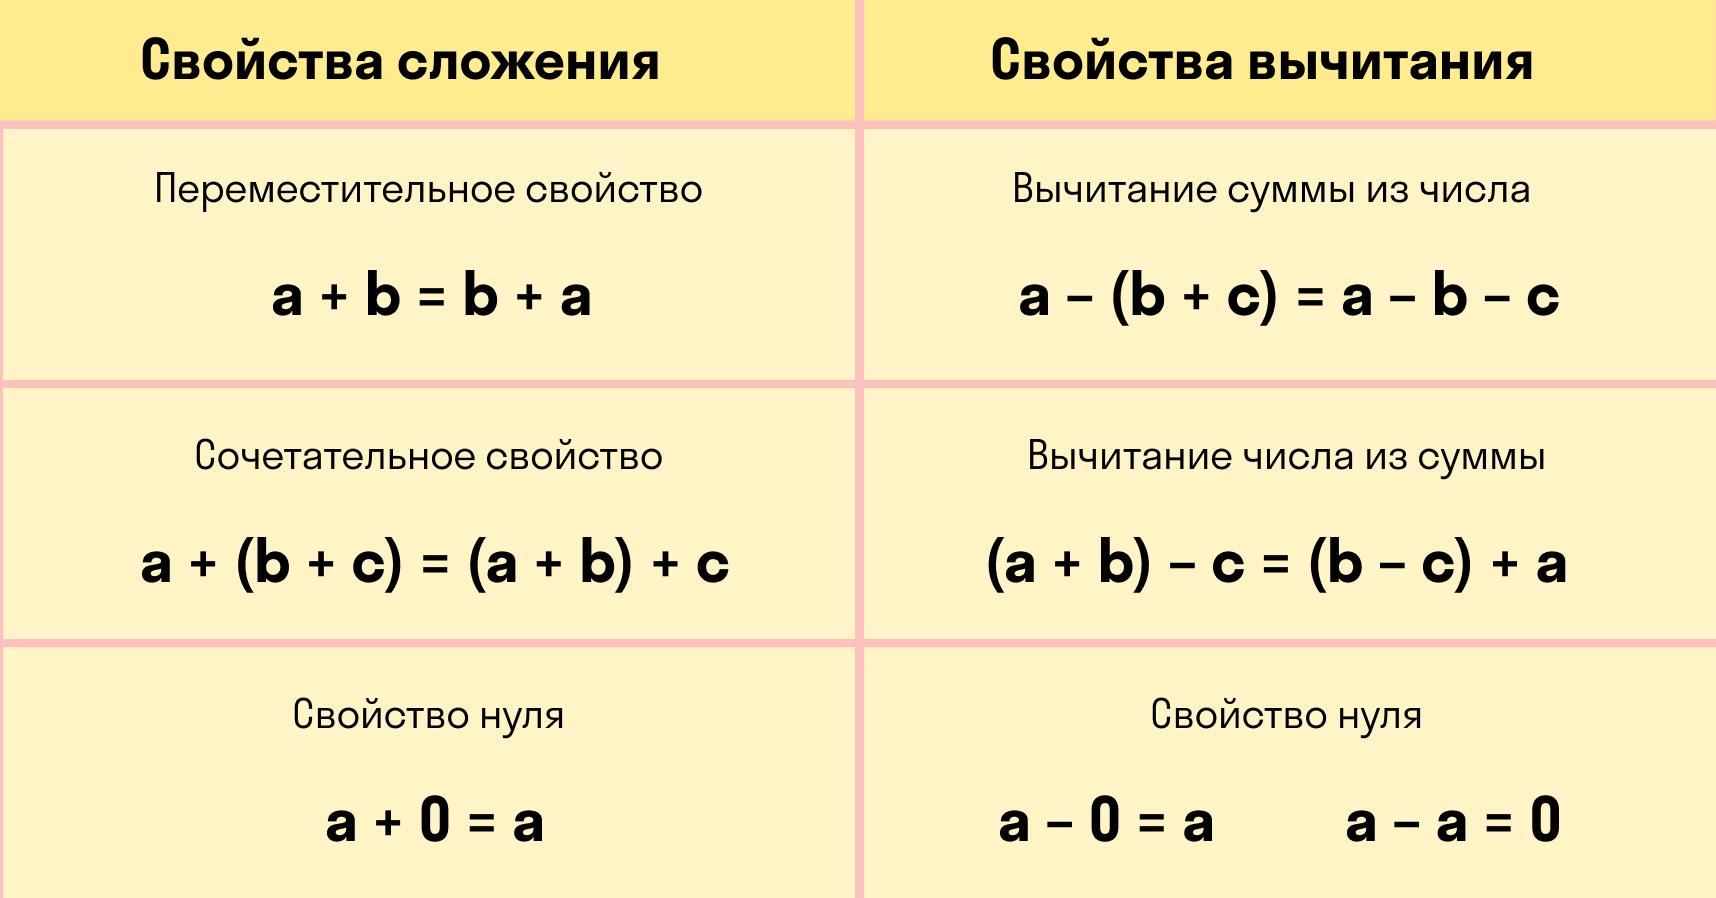 основные свойства сложения и вычитания